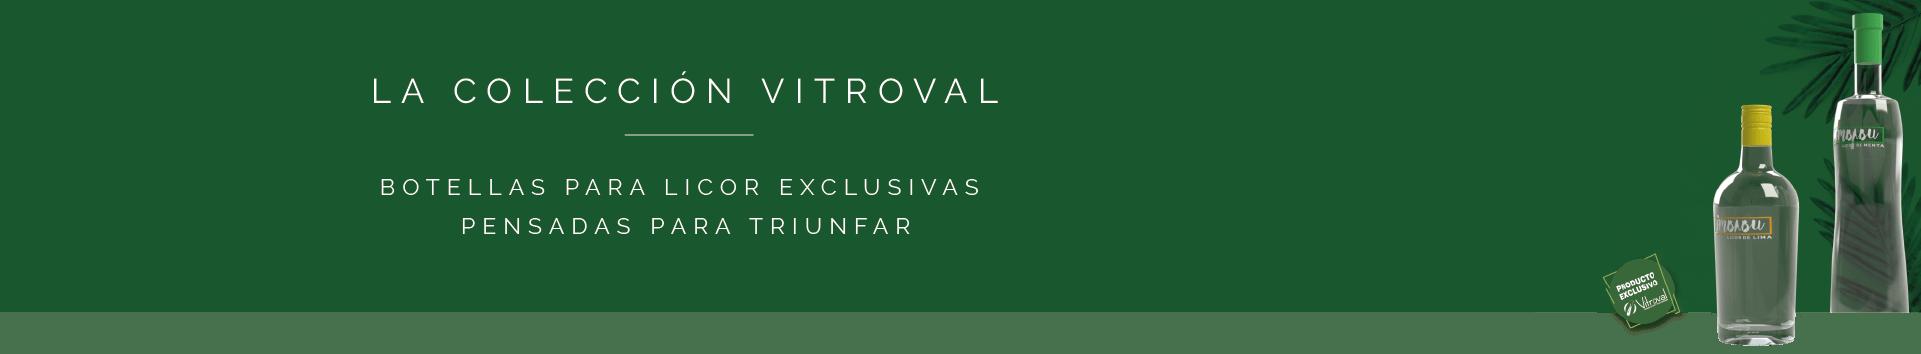 Imagen Diseño exclusivo - Colección Vitroval - Vitroval